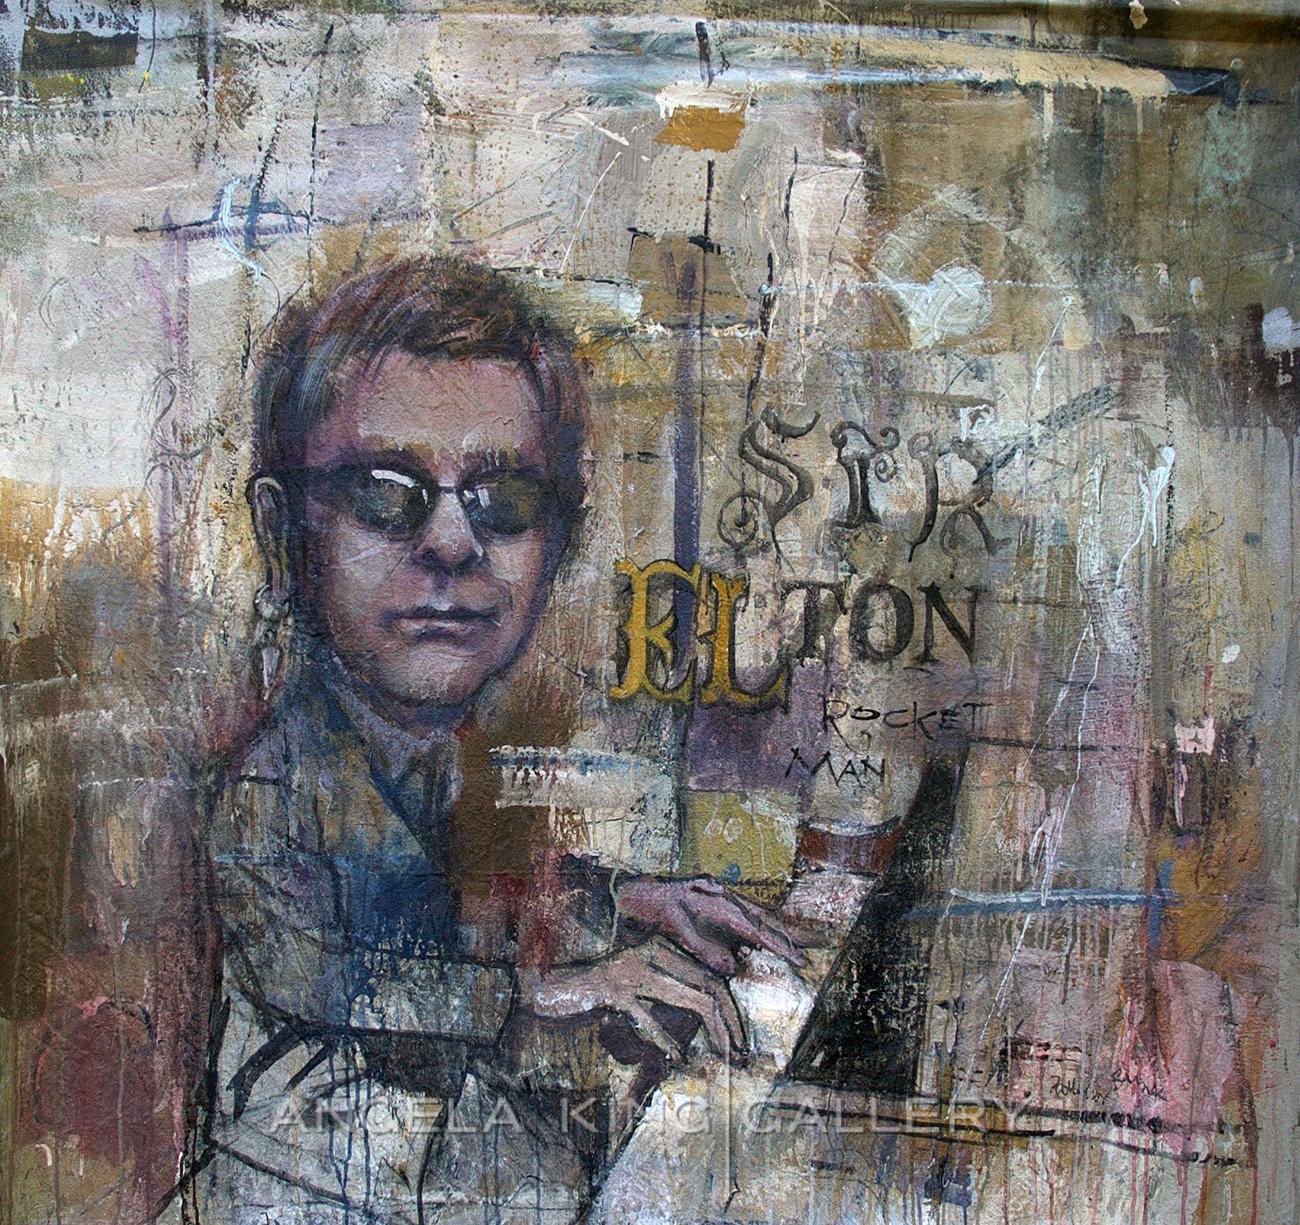 """Sir Elton John """"Rocket Man"""""""